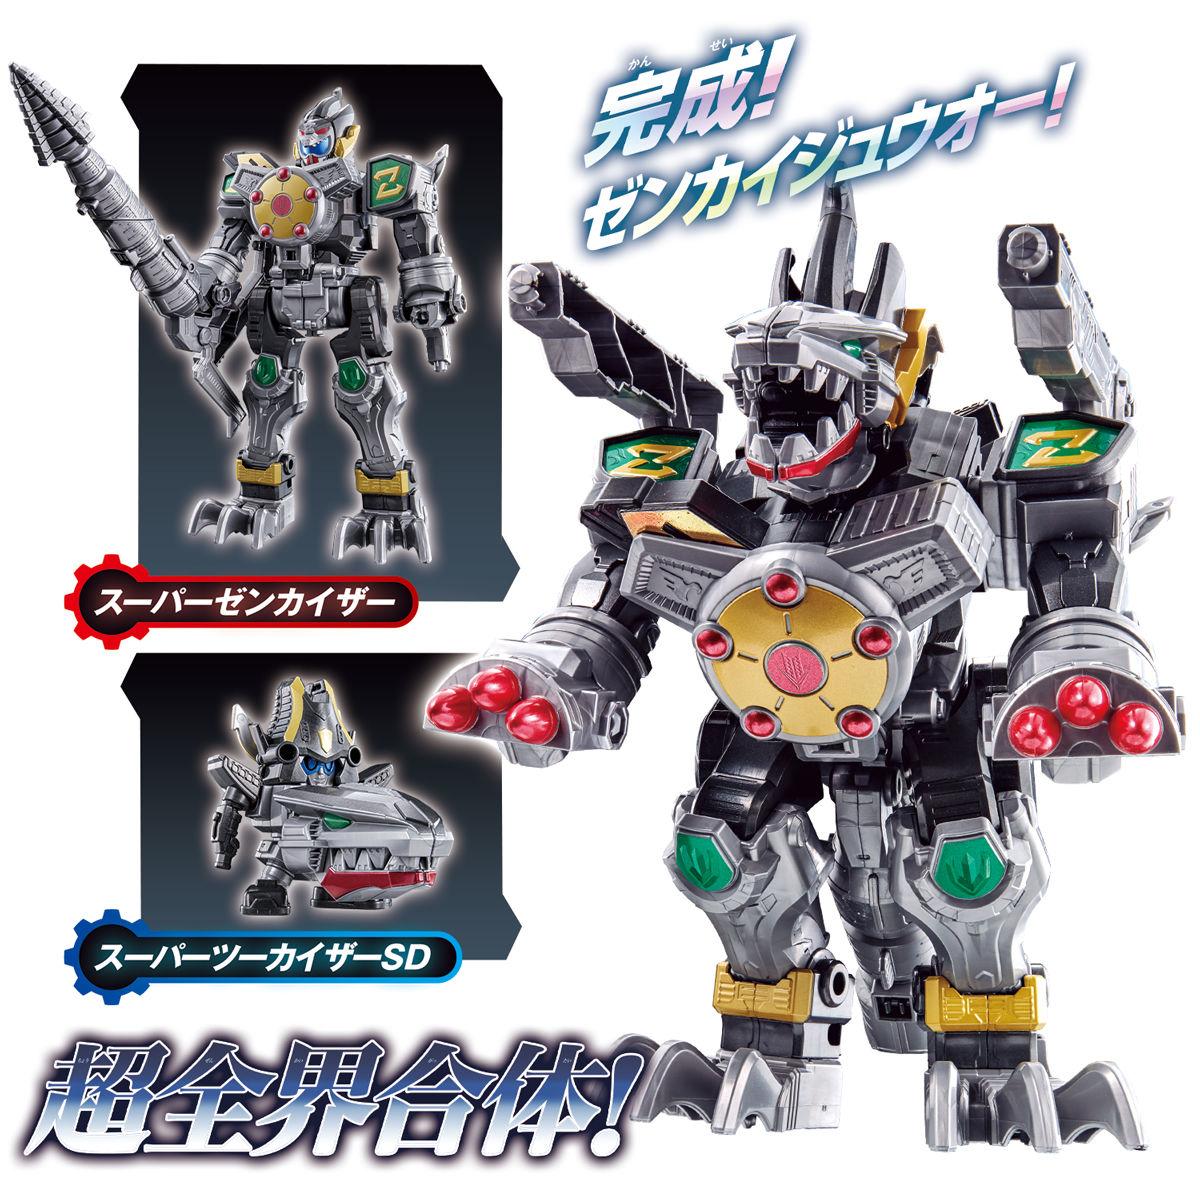 機界戦隊ゼンカイジャー『超全界合体獣 DXゼンカイジュウオー』可変合体フィギュア-003